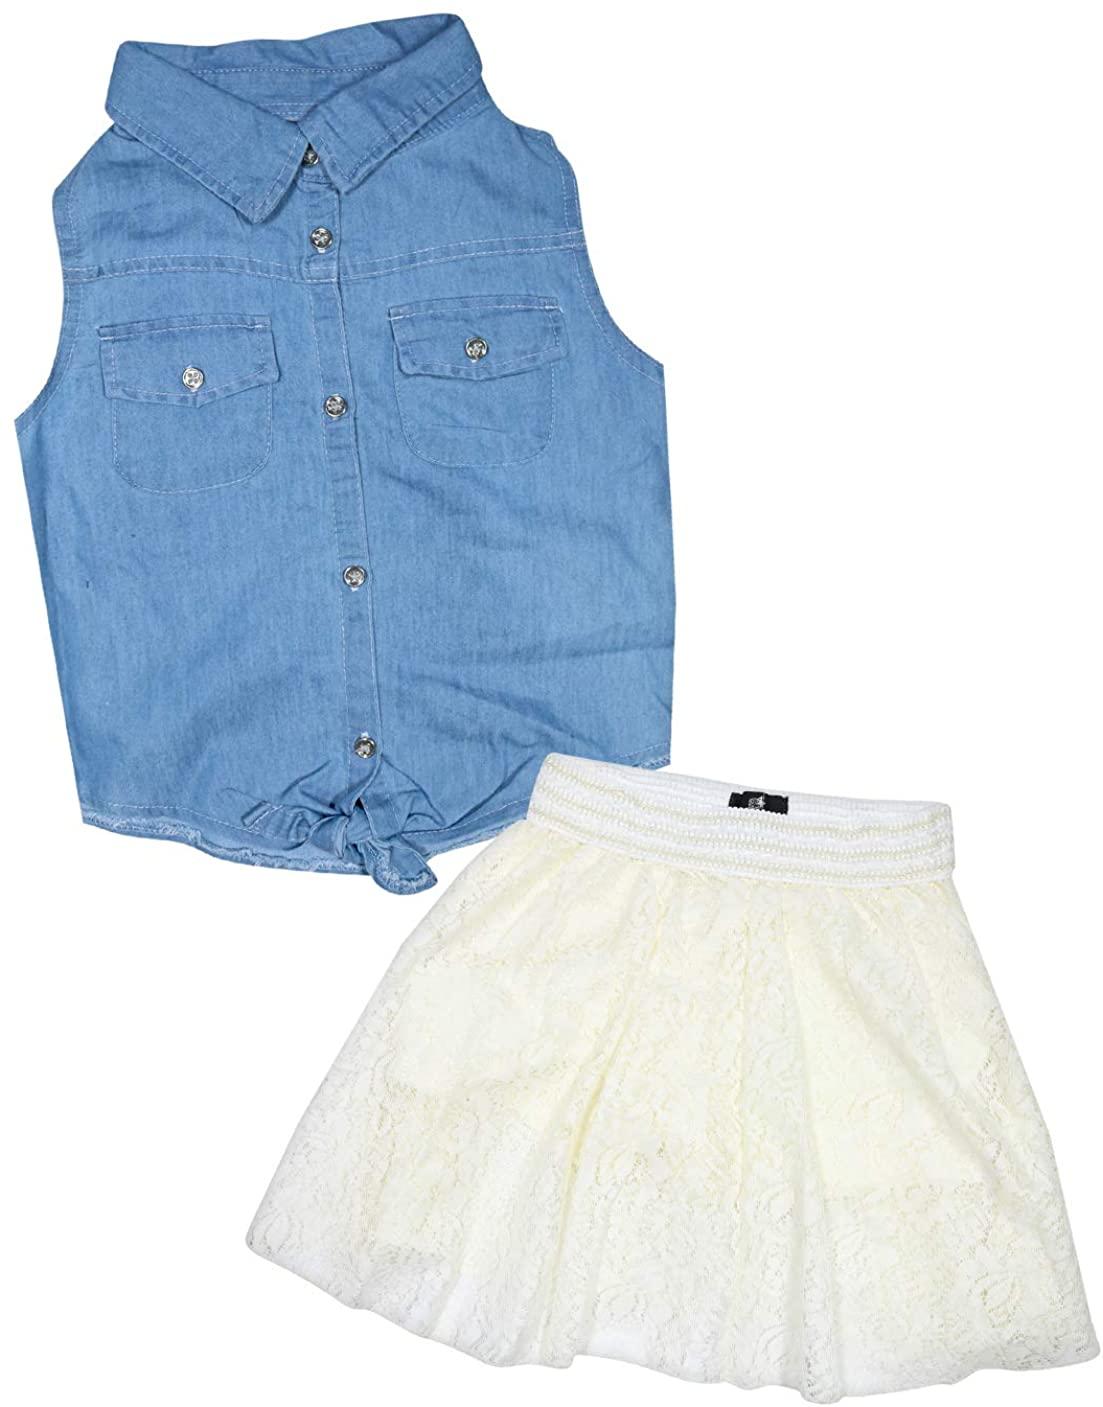 dollhouse Girls' 2 Piece Denim Short Sleeve Top and Skirt Set